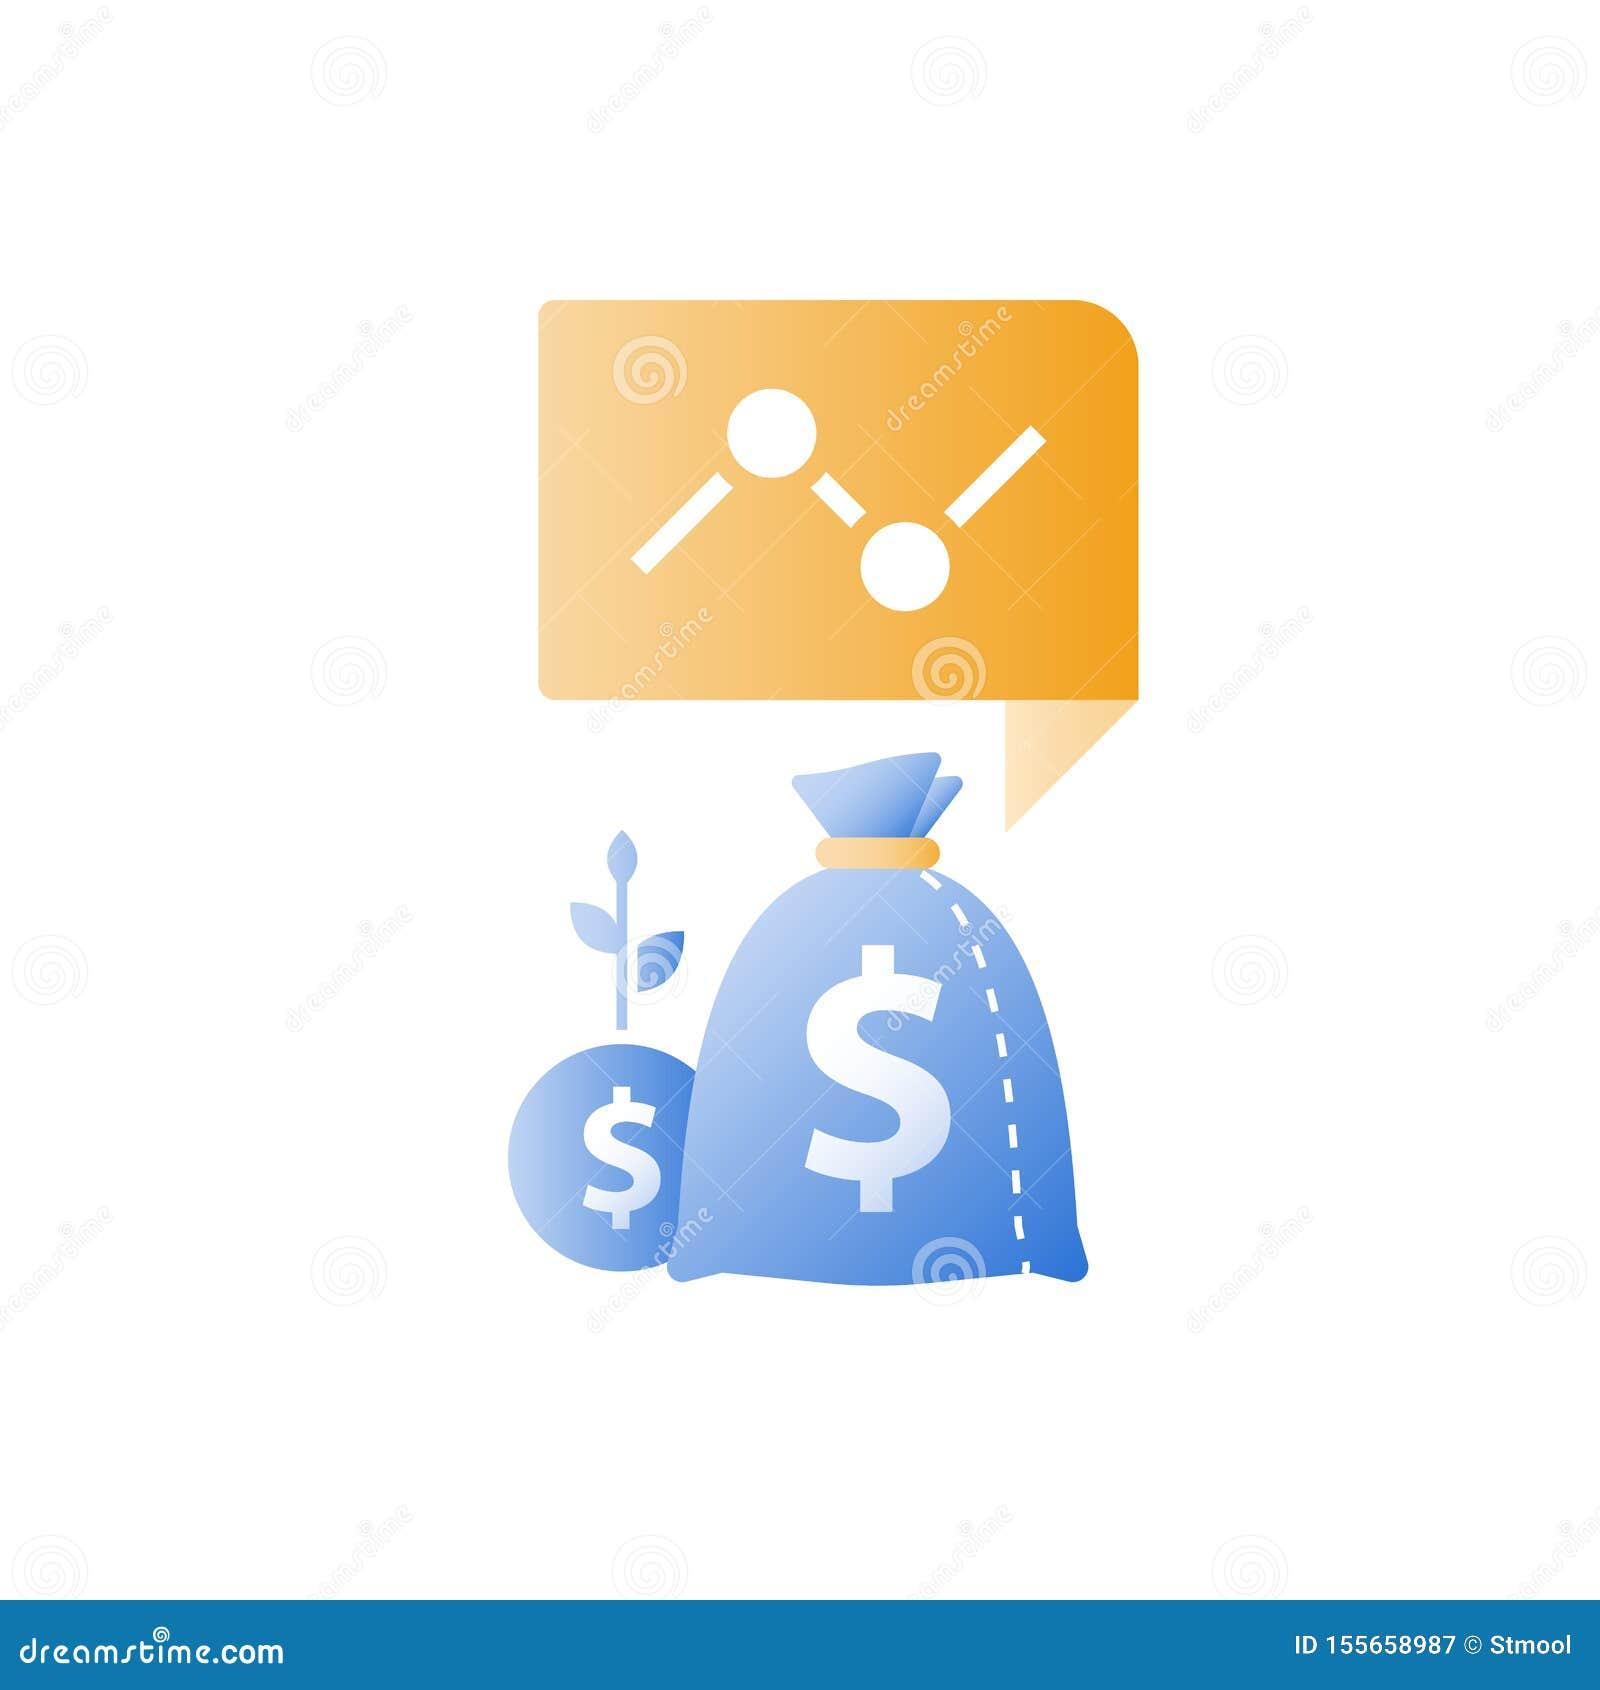 高利息率,财政报告,投资股份单,套利基金,收支成长,更多金钱,倍增资本,净增值